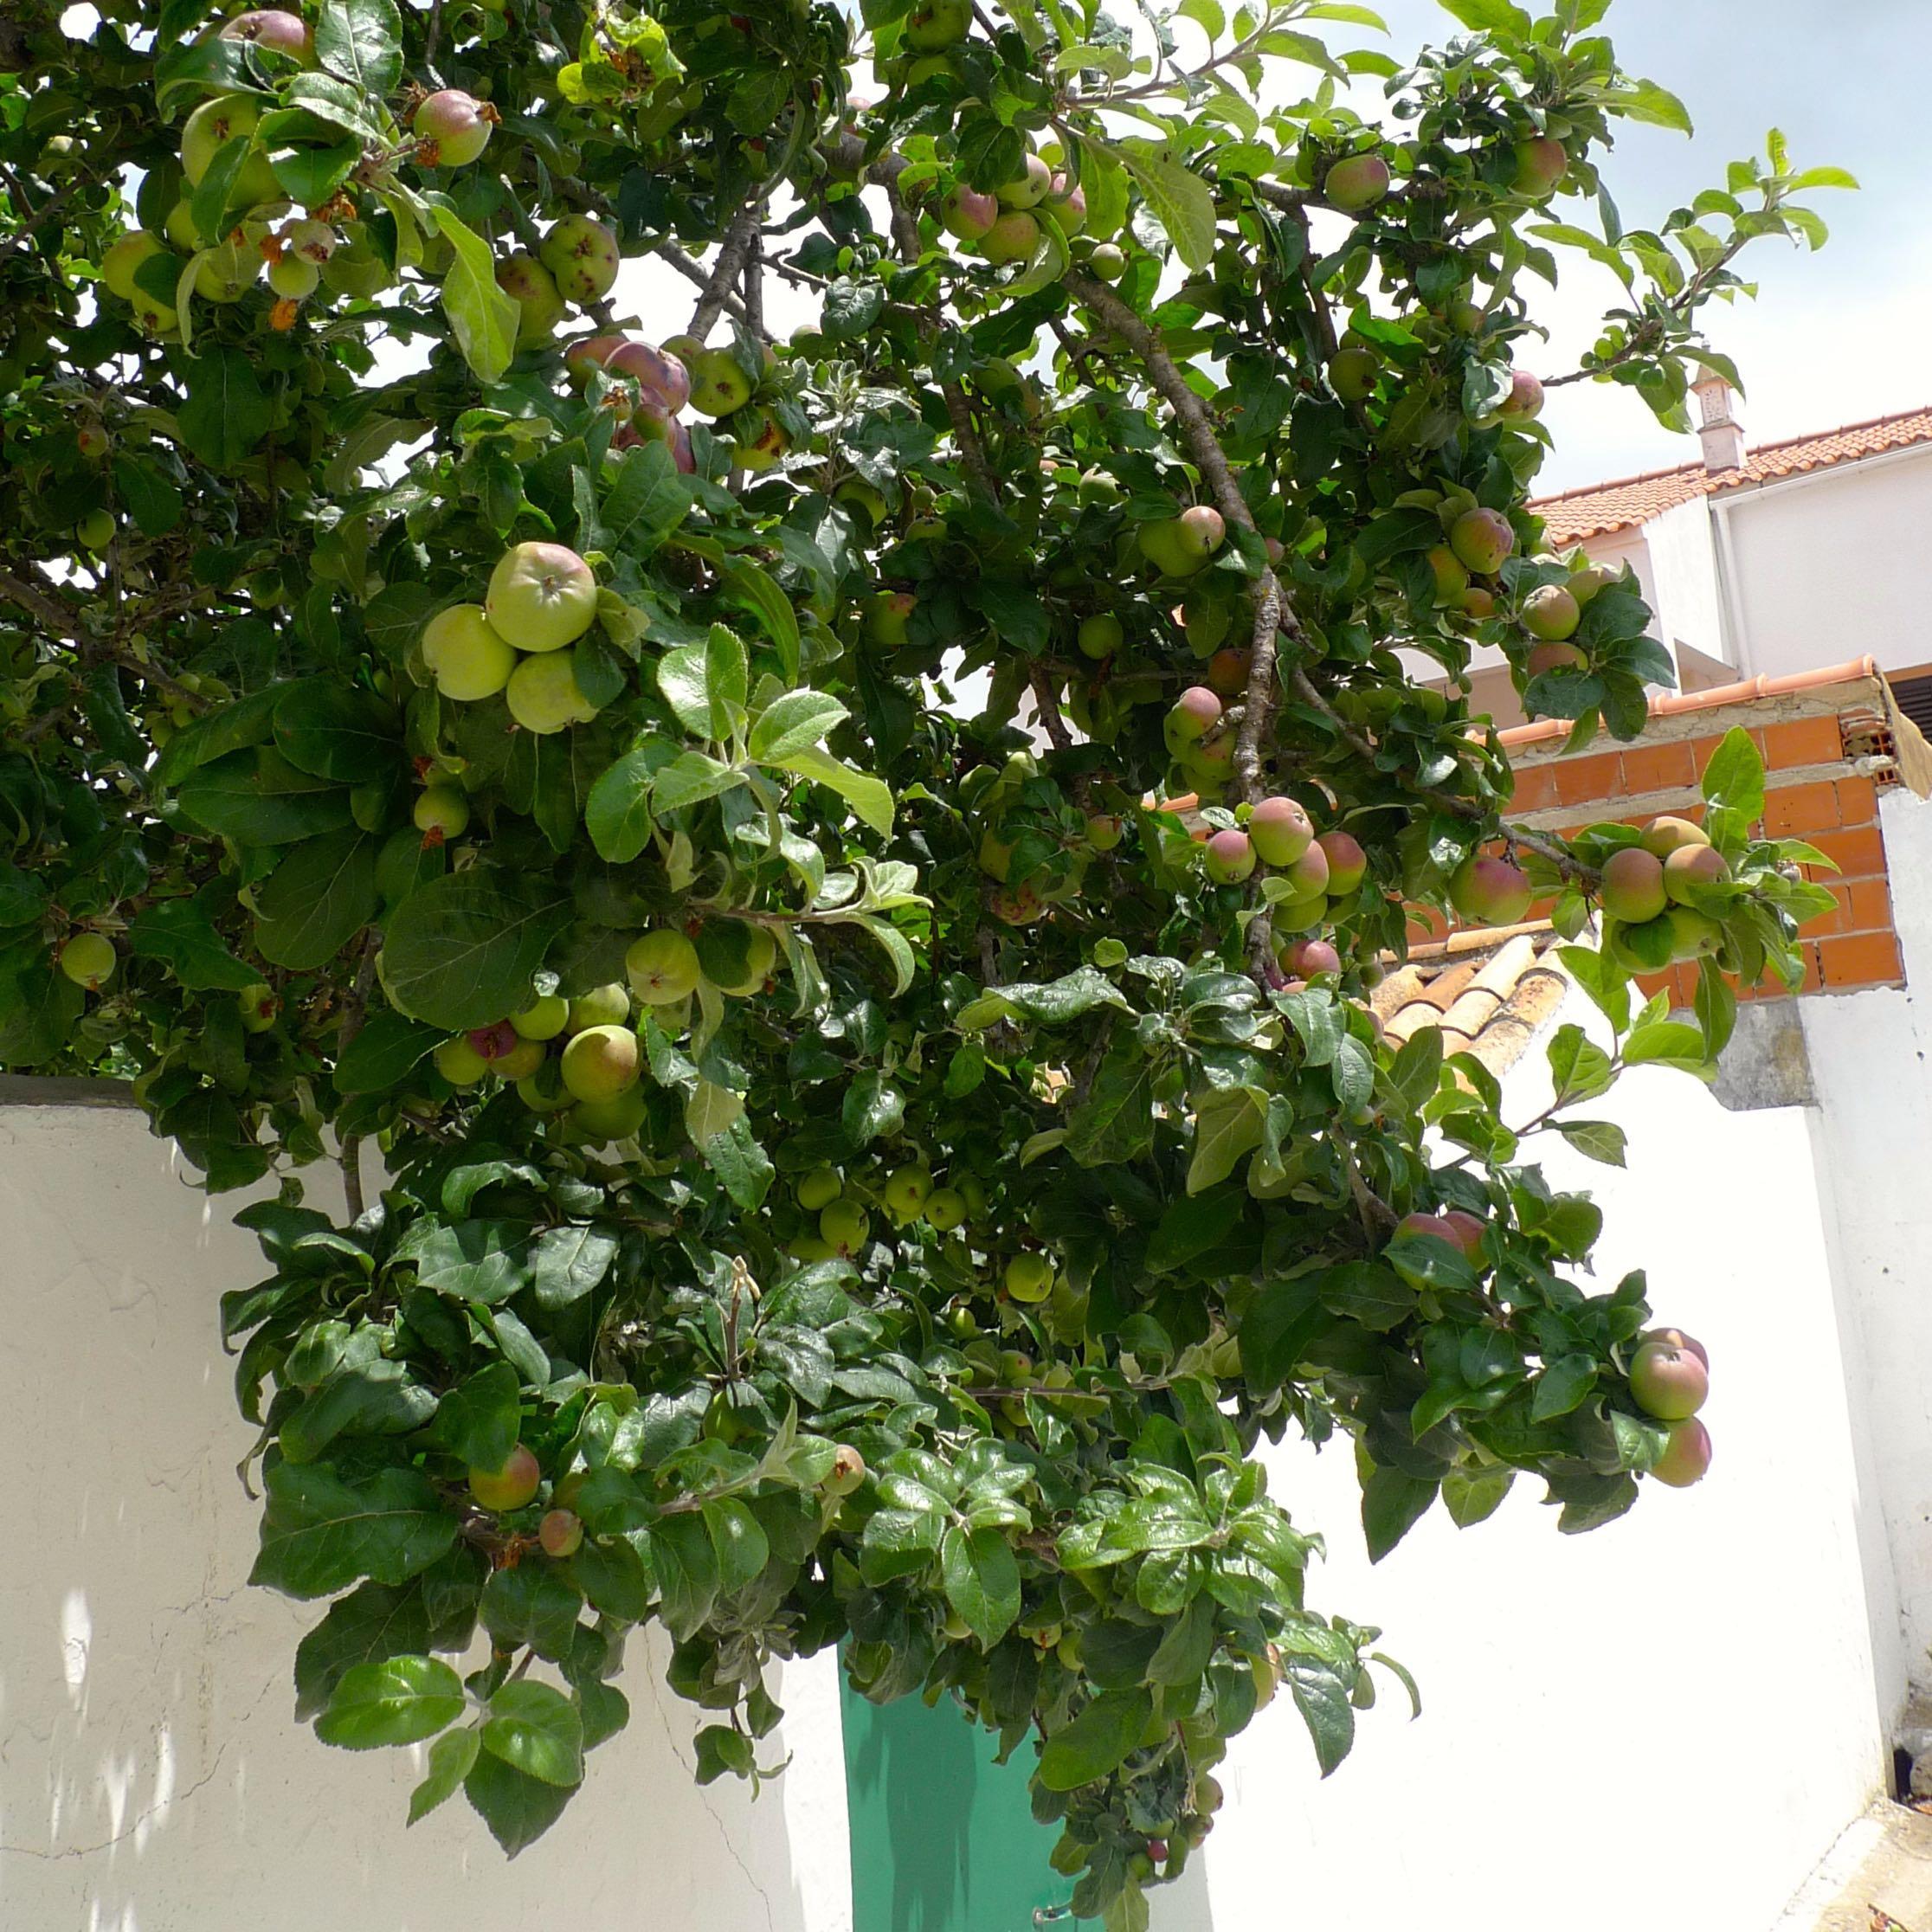 Fruit trees in the Alentejo